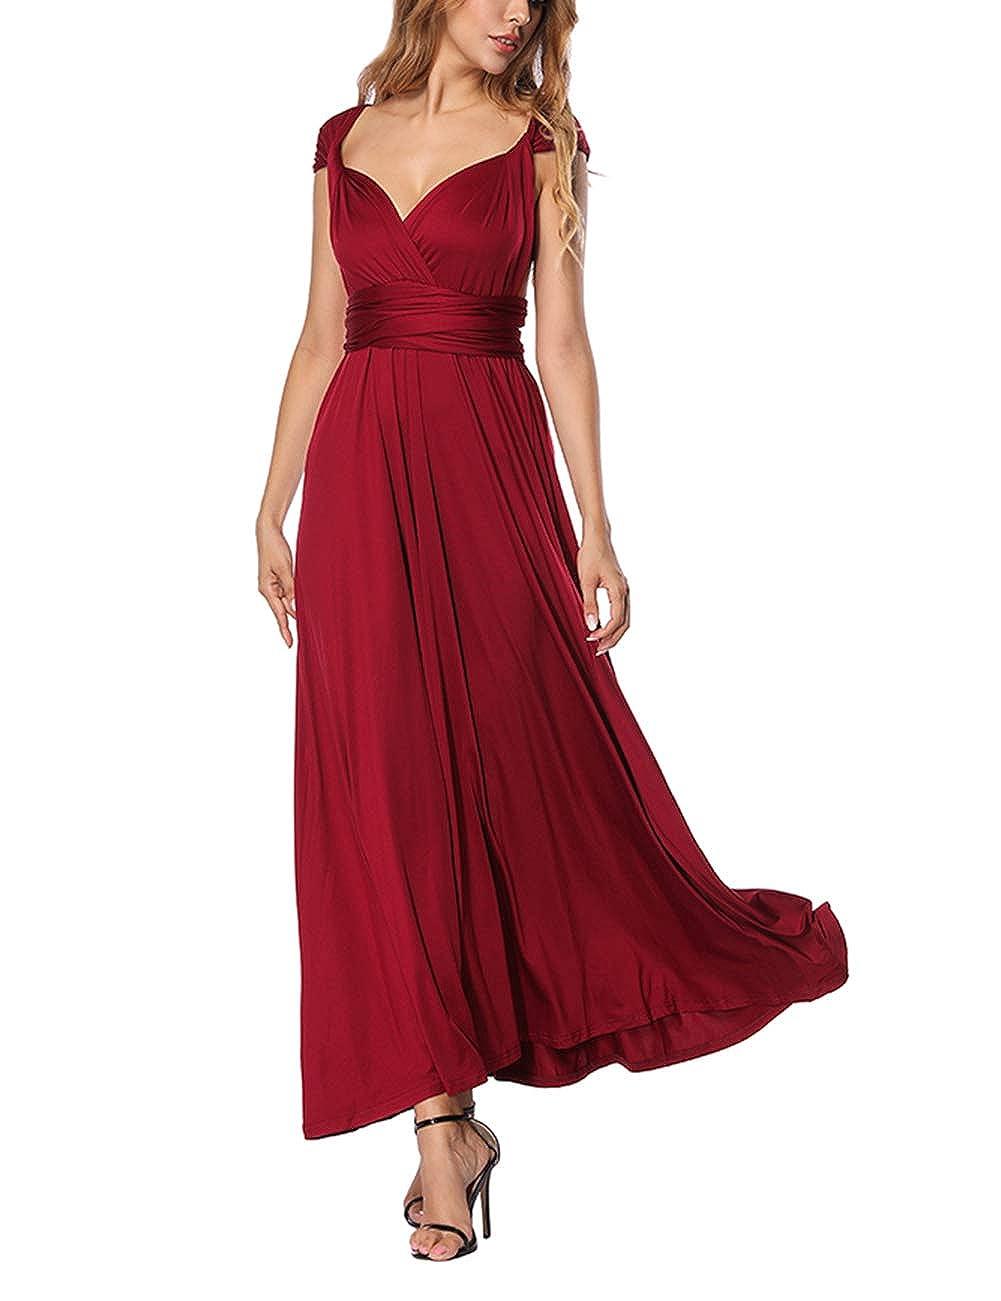 TALLA XL(ES 46-50). FeelinGirl Mujer Vestido Maxi Convertible Espalda Decubierta Cóctel Multiposicion Tirantes Multi-Manera Largo Falda para Fiesta Ceremonia Sexy y Elegante Rojo Tinto XL(ES 46-50)